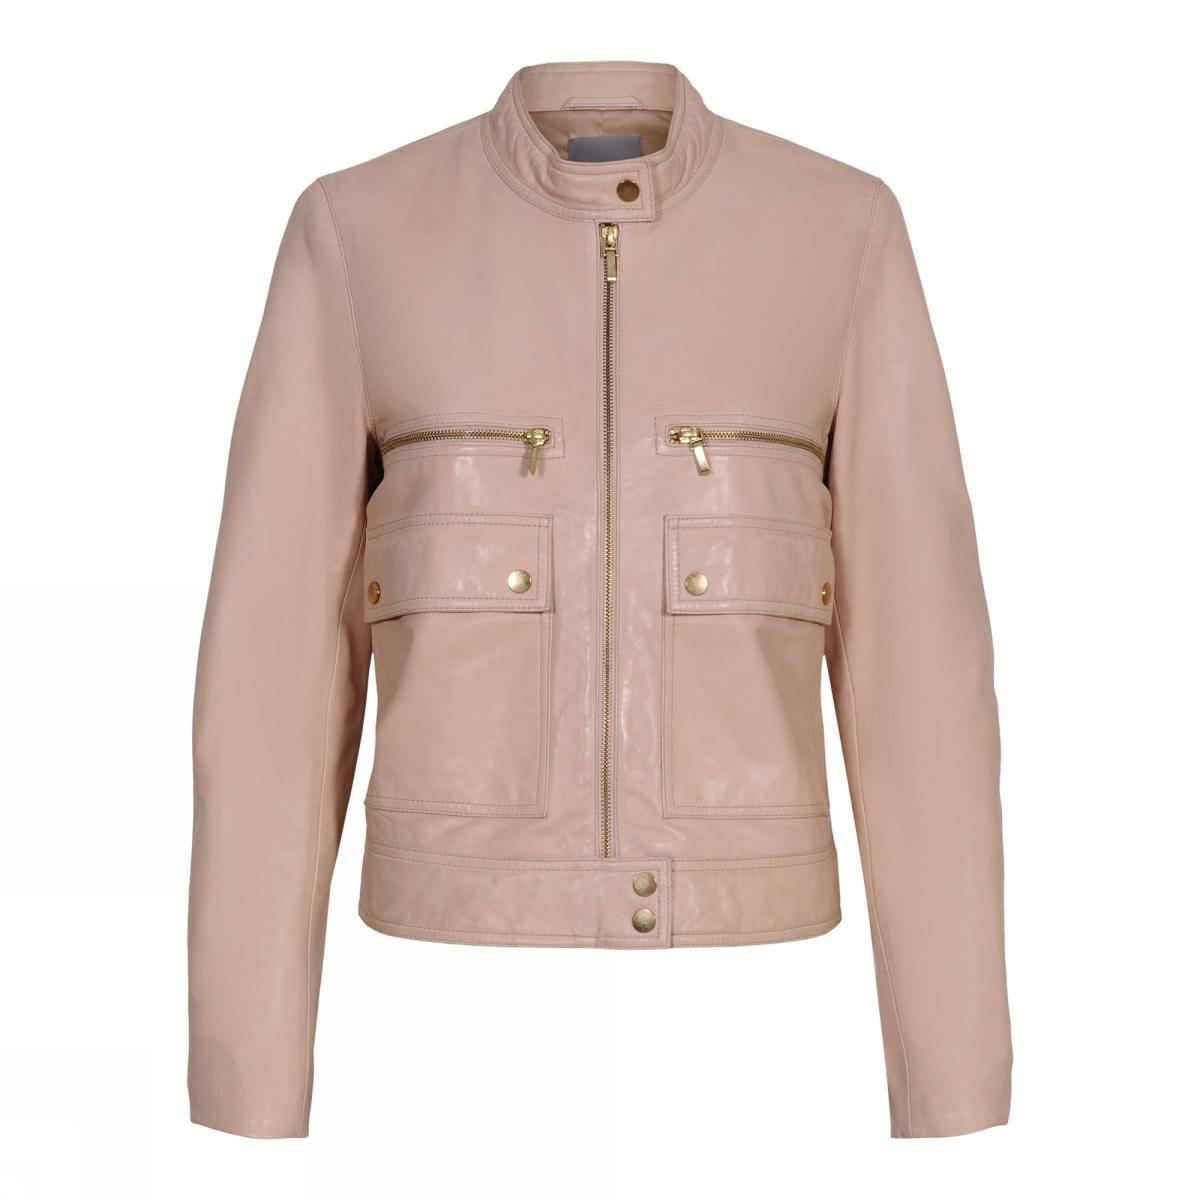 Gustav Leather jacket